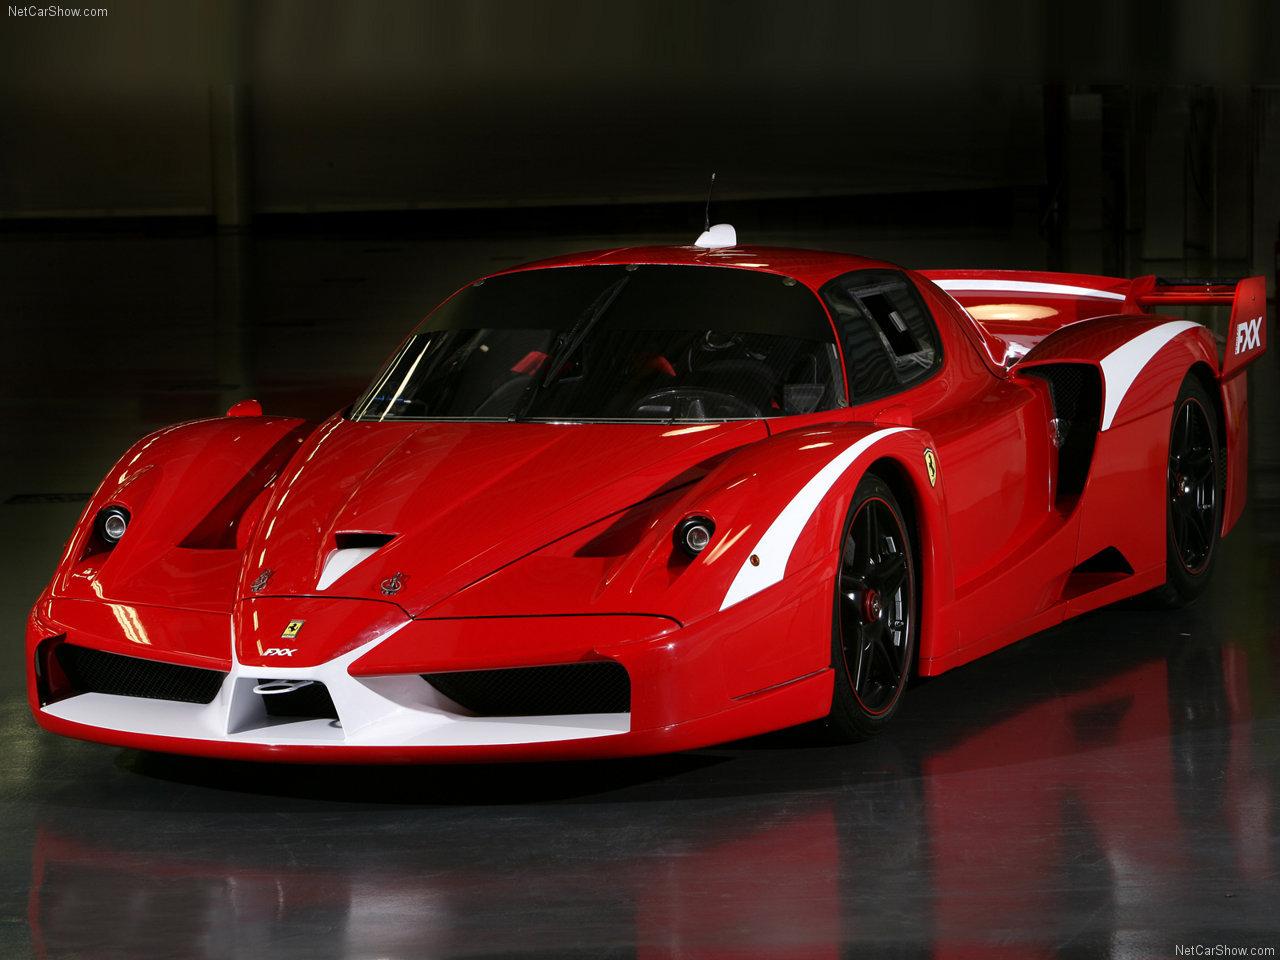 Ferrari Scuderia - Images Hot